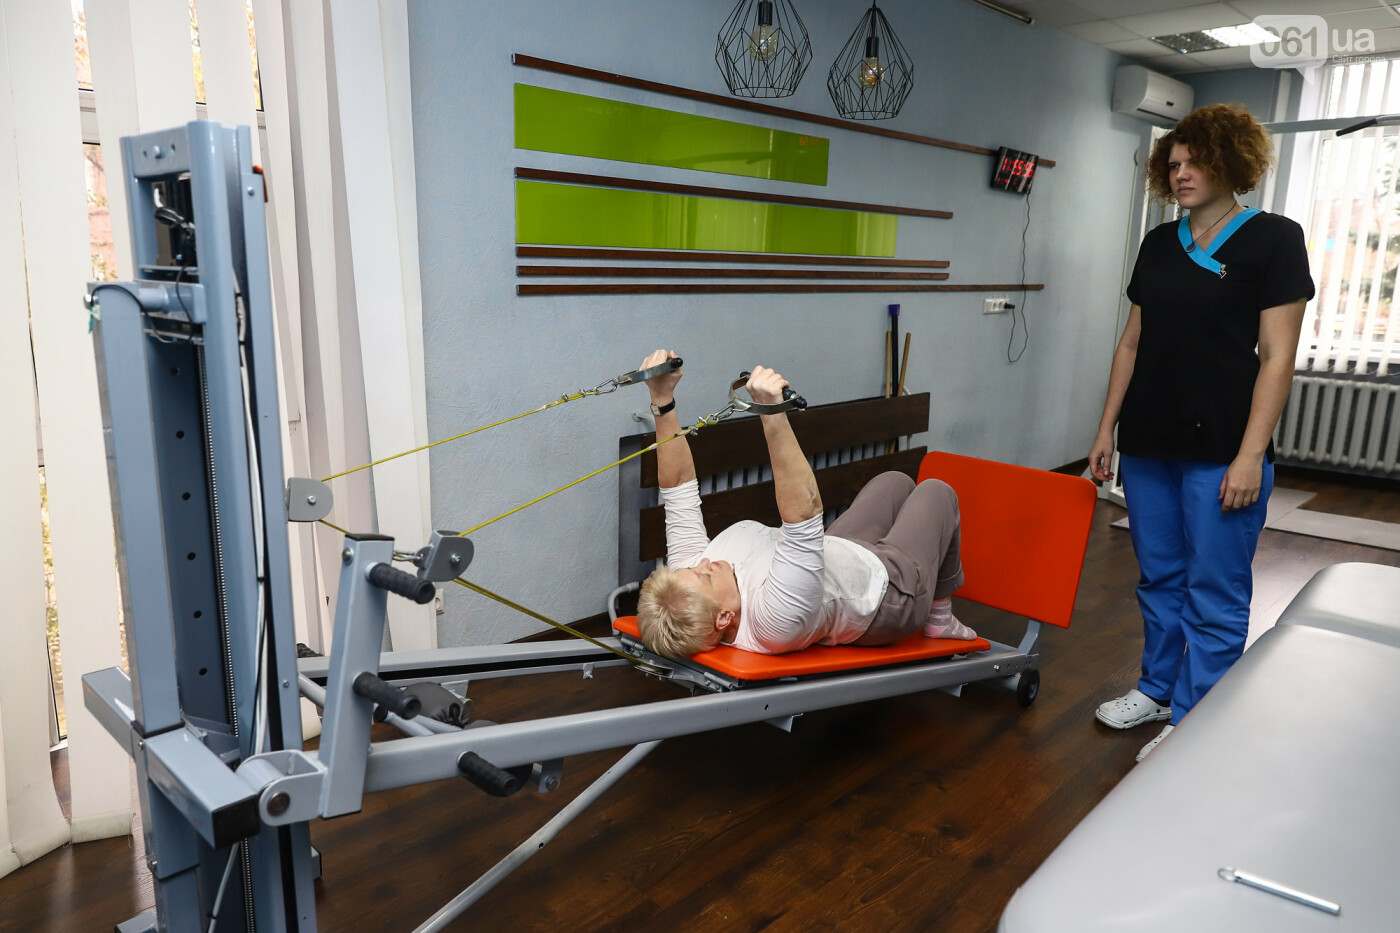 3D-исследование и уникальные тренажеры: как в запорожской клинике OrtoSano лечат болезни позвоночника и суставов, фото-12